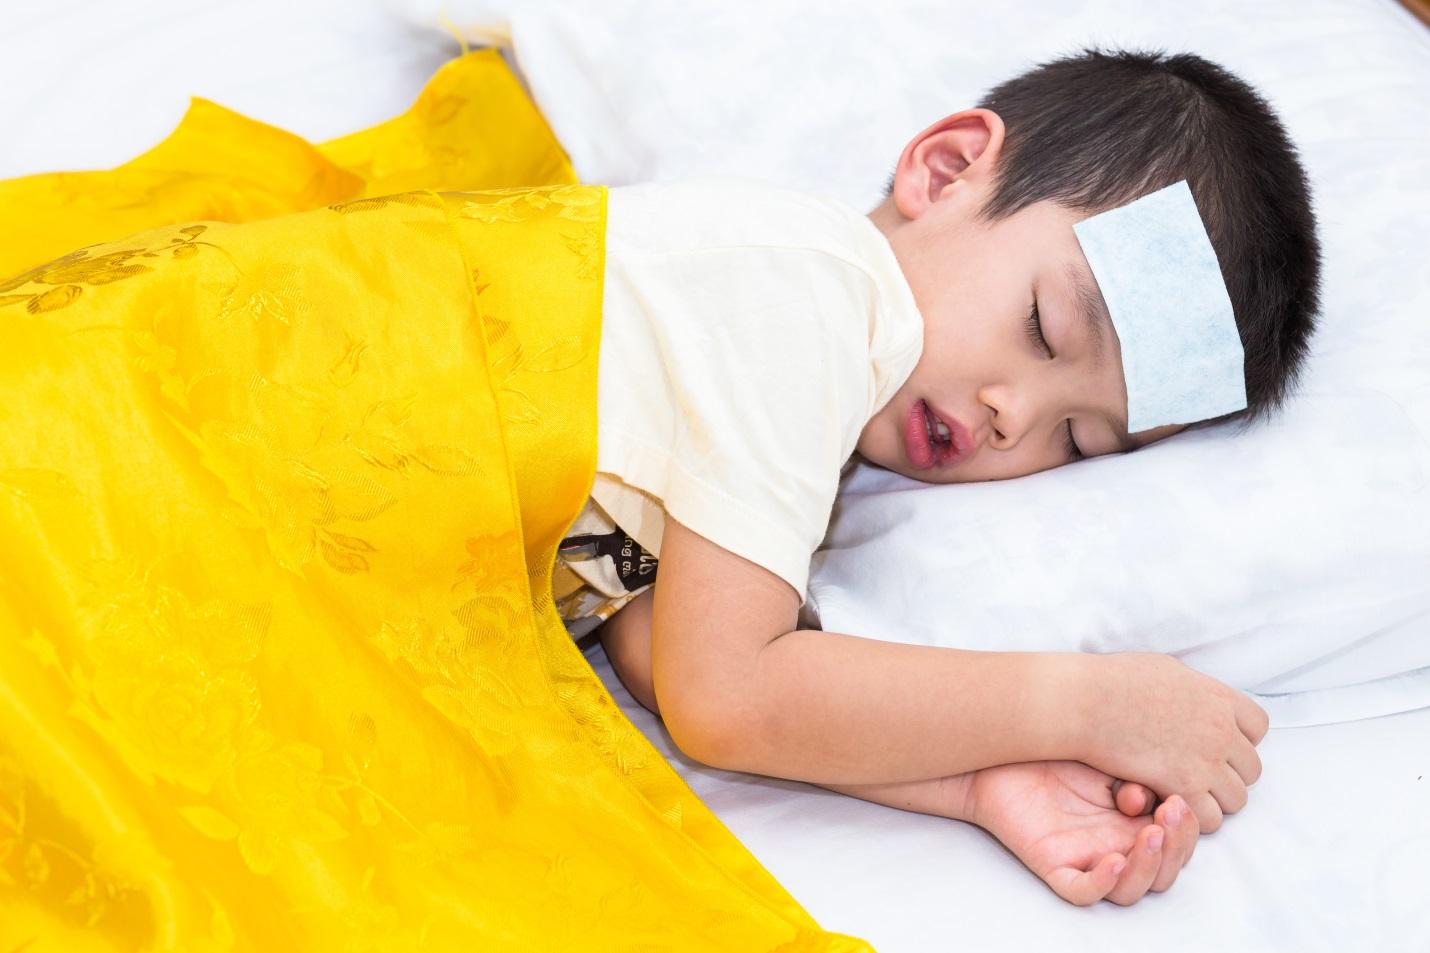 Anak Demam Malam Hari Saja, Waspada Penyakit Ini ya Bunda!